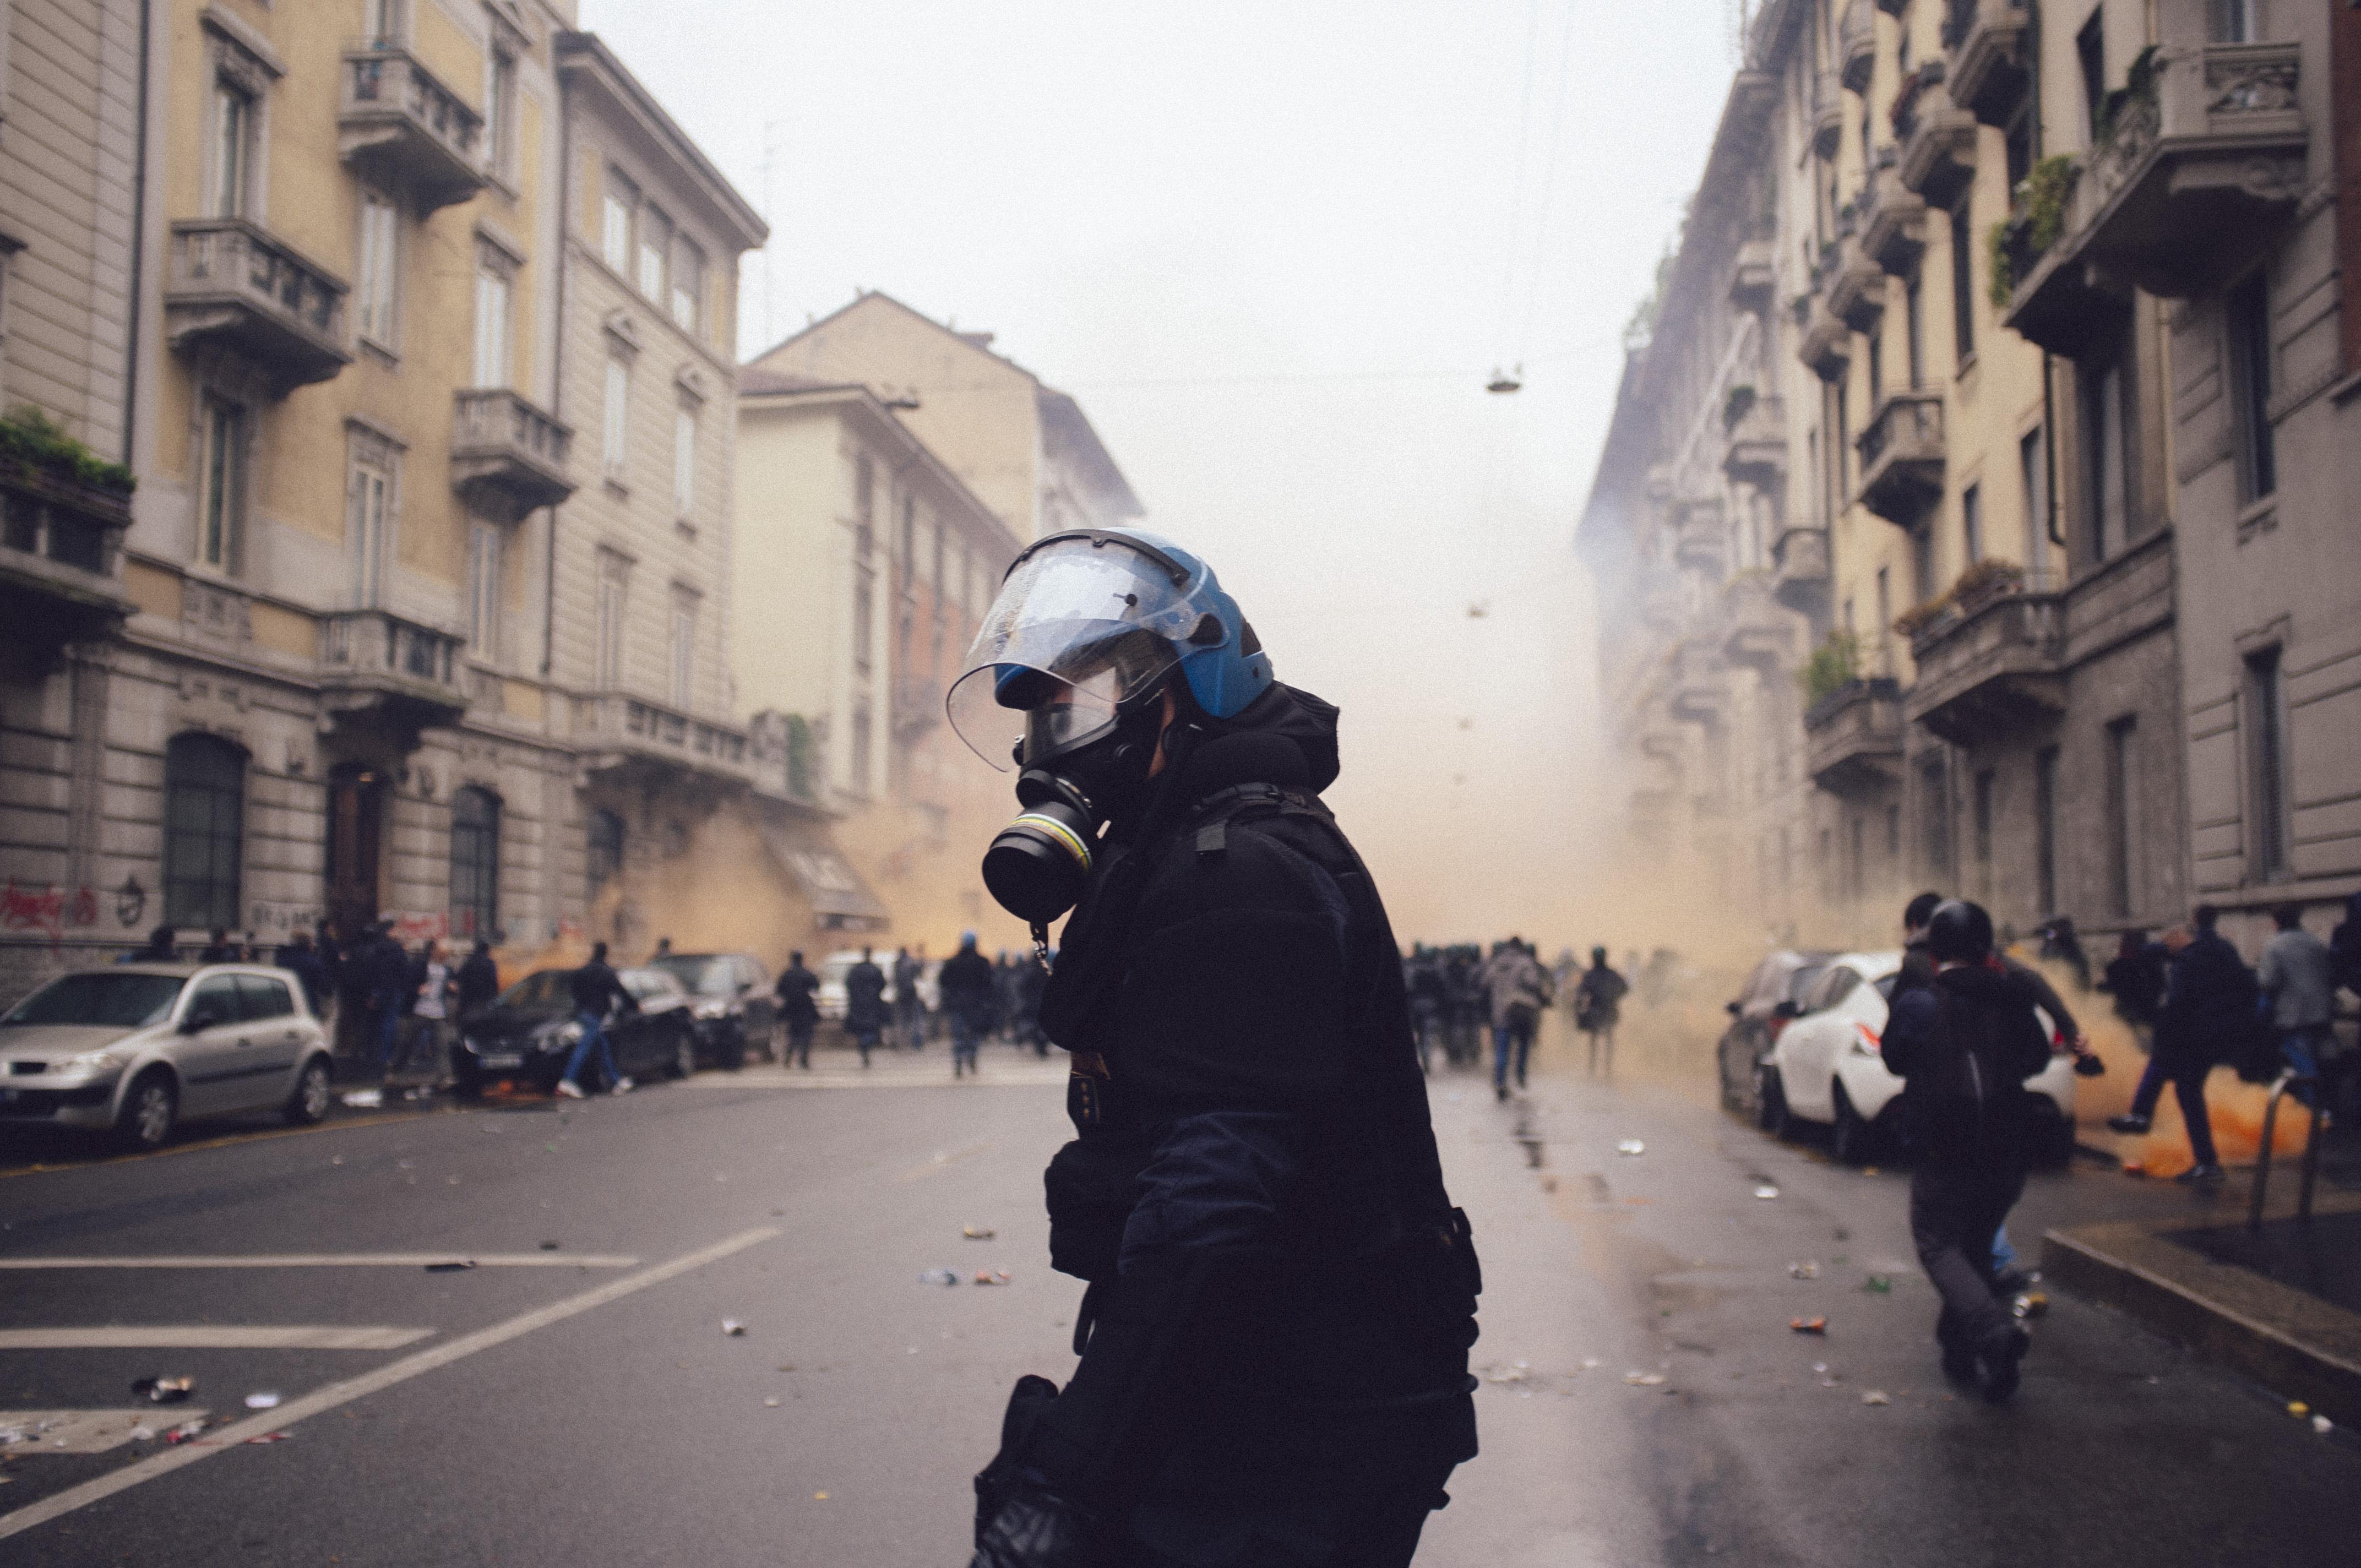 Italiano: Primo giorno di Expo 2015. Manifestazione No Expo a Milano degenerata in lotta tra black bloc e forze dell'ordine.